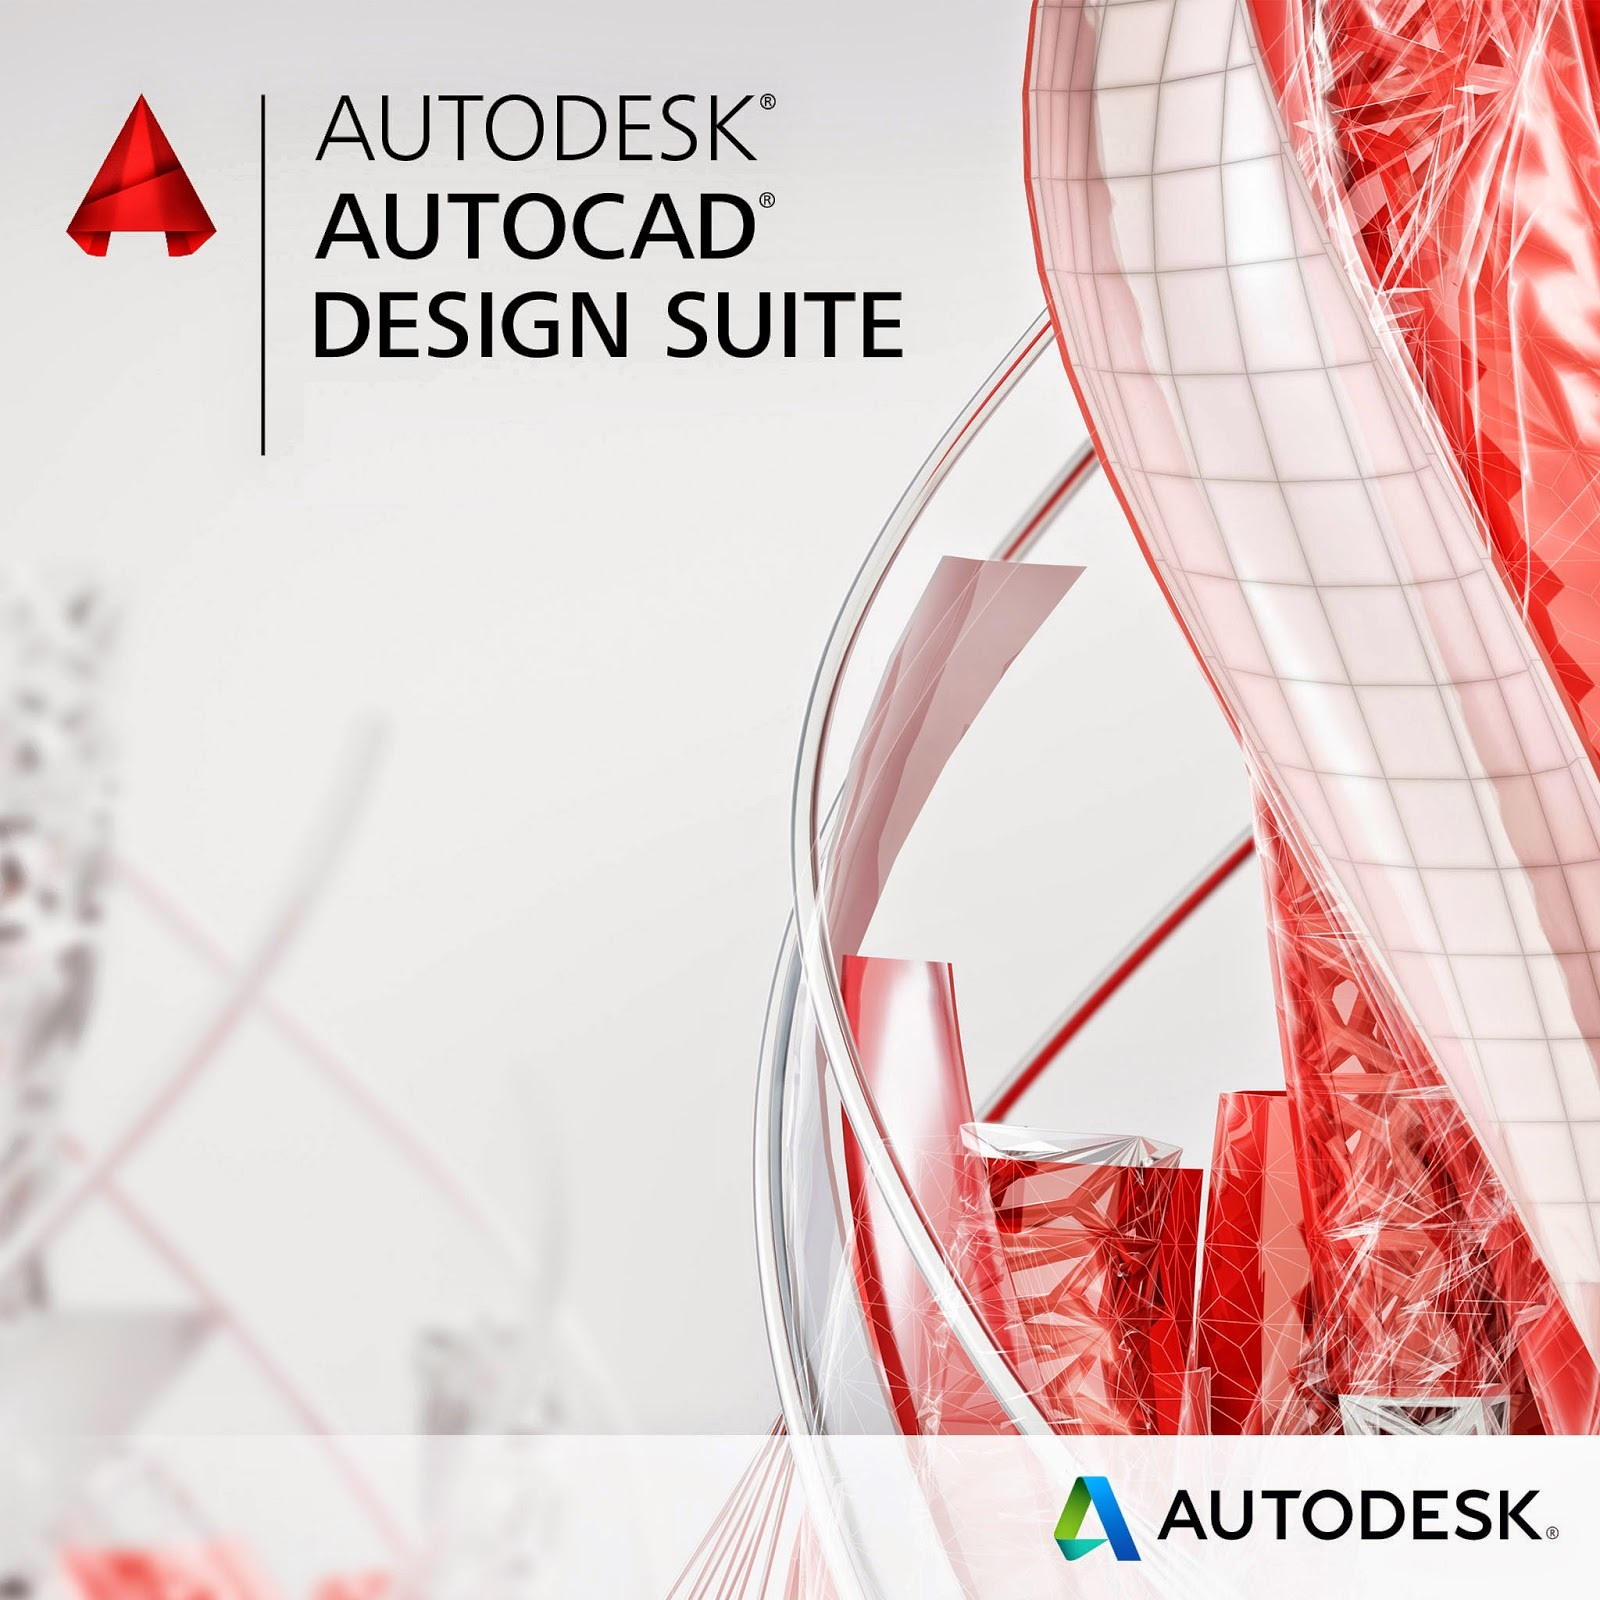 AutoCAD Design Suite Ultimate 2019 price